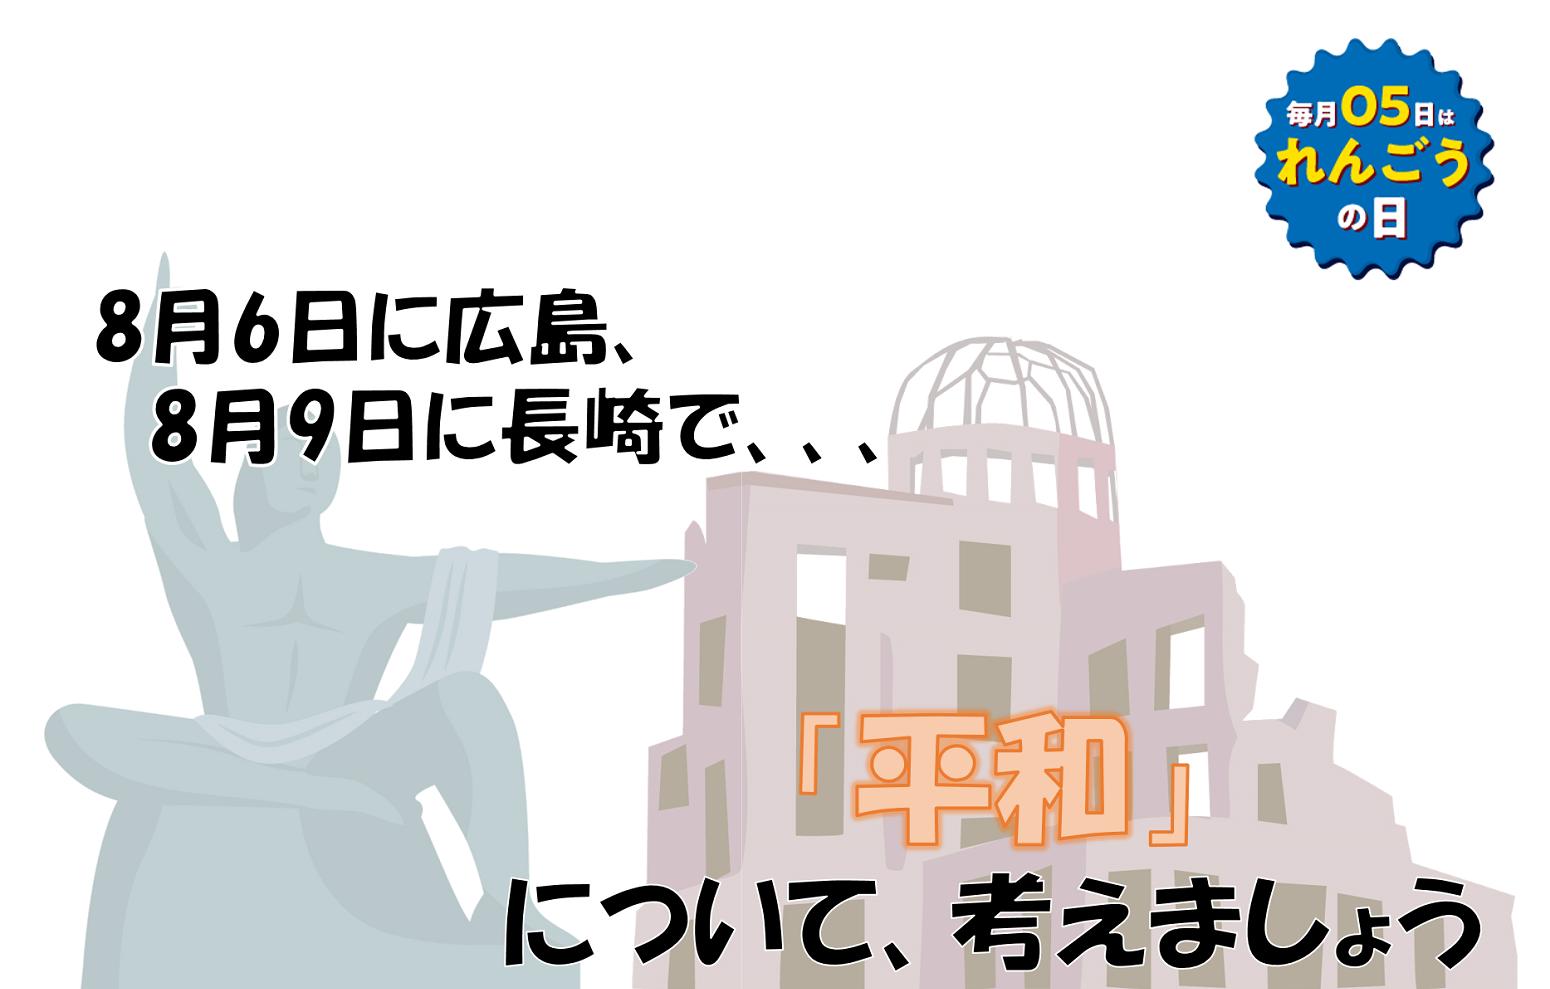 毎月05日はれんごうの日,連合滋賀,連合,労働組合,あつまれユニオンスクエア